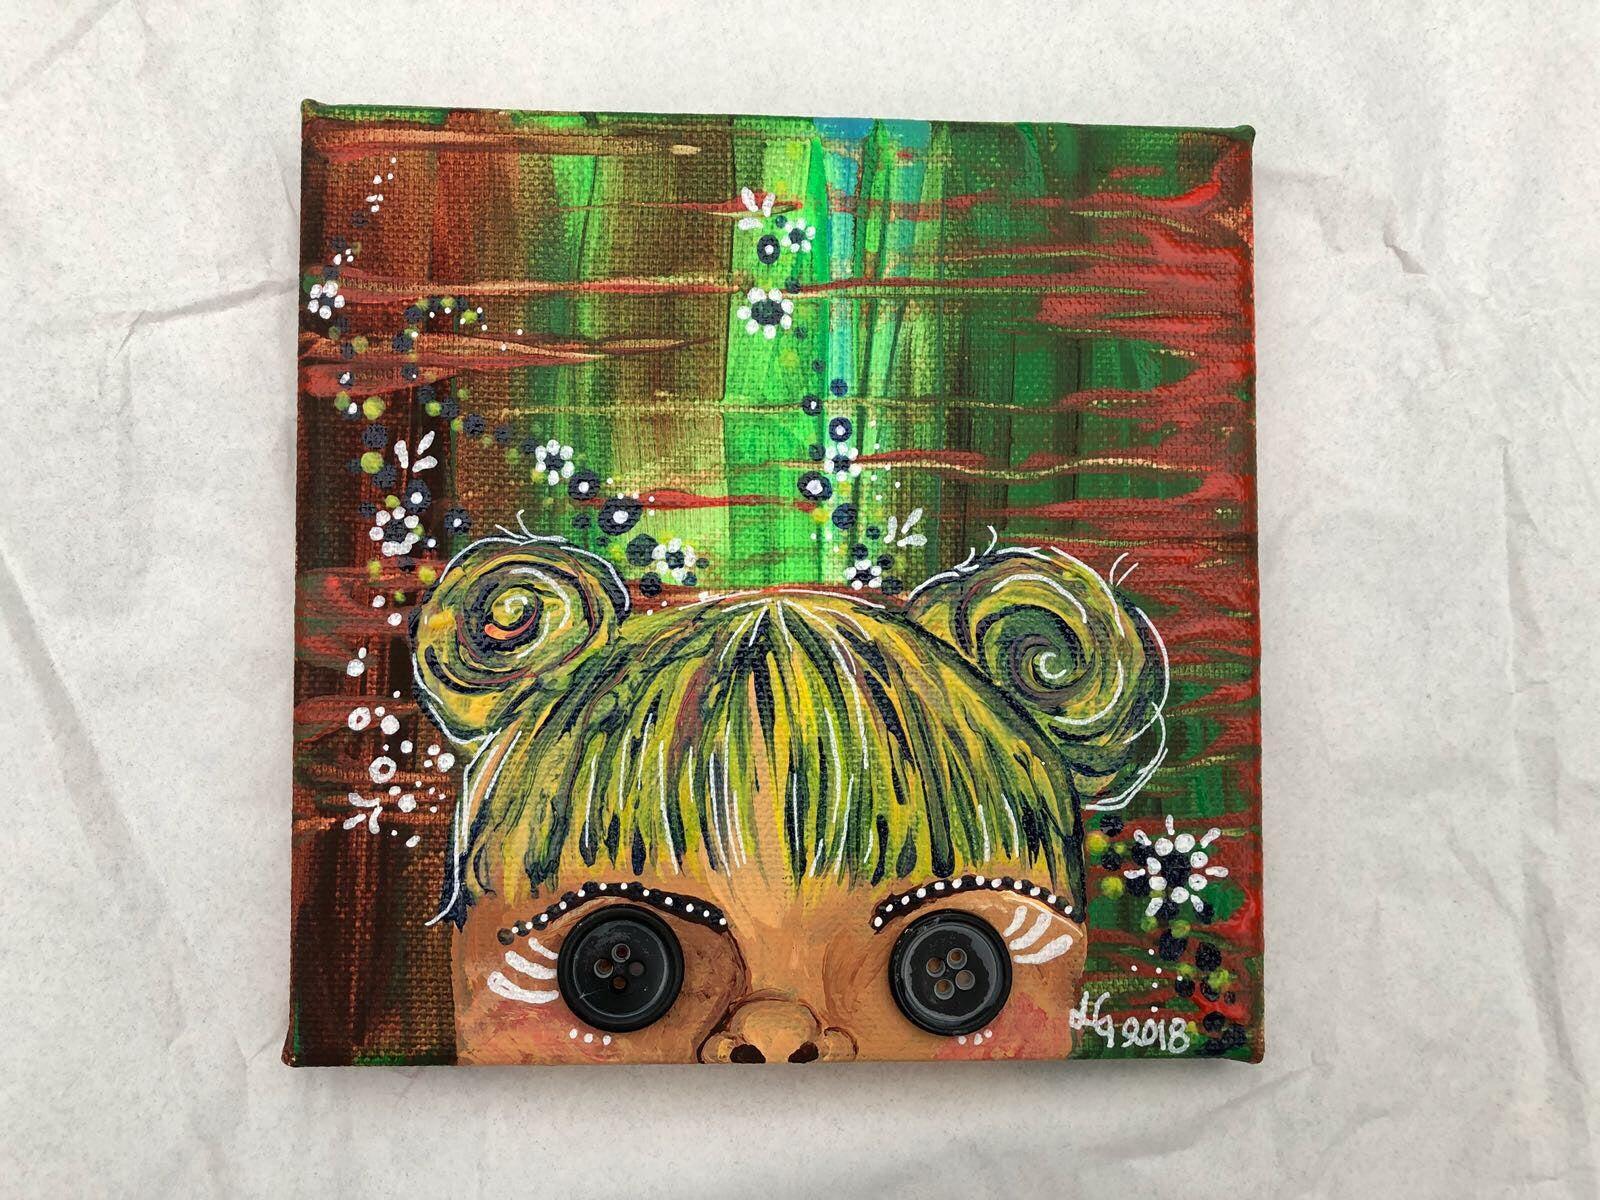 Konstnären Linda Gartman har skapat en canvas tavla med knappar i mestadels gröna toner. Ett flickmotiv med blommor i bakgrunden.